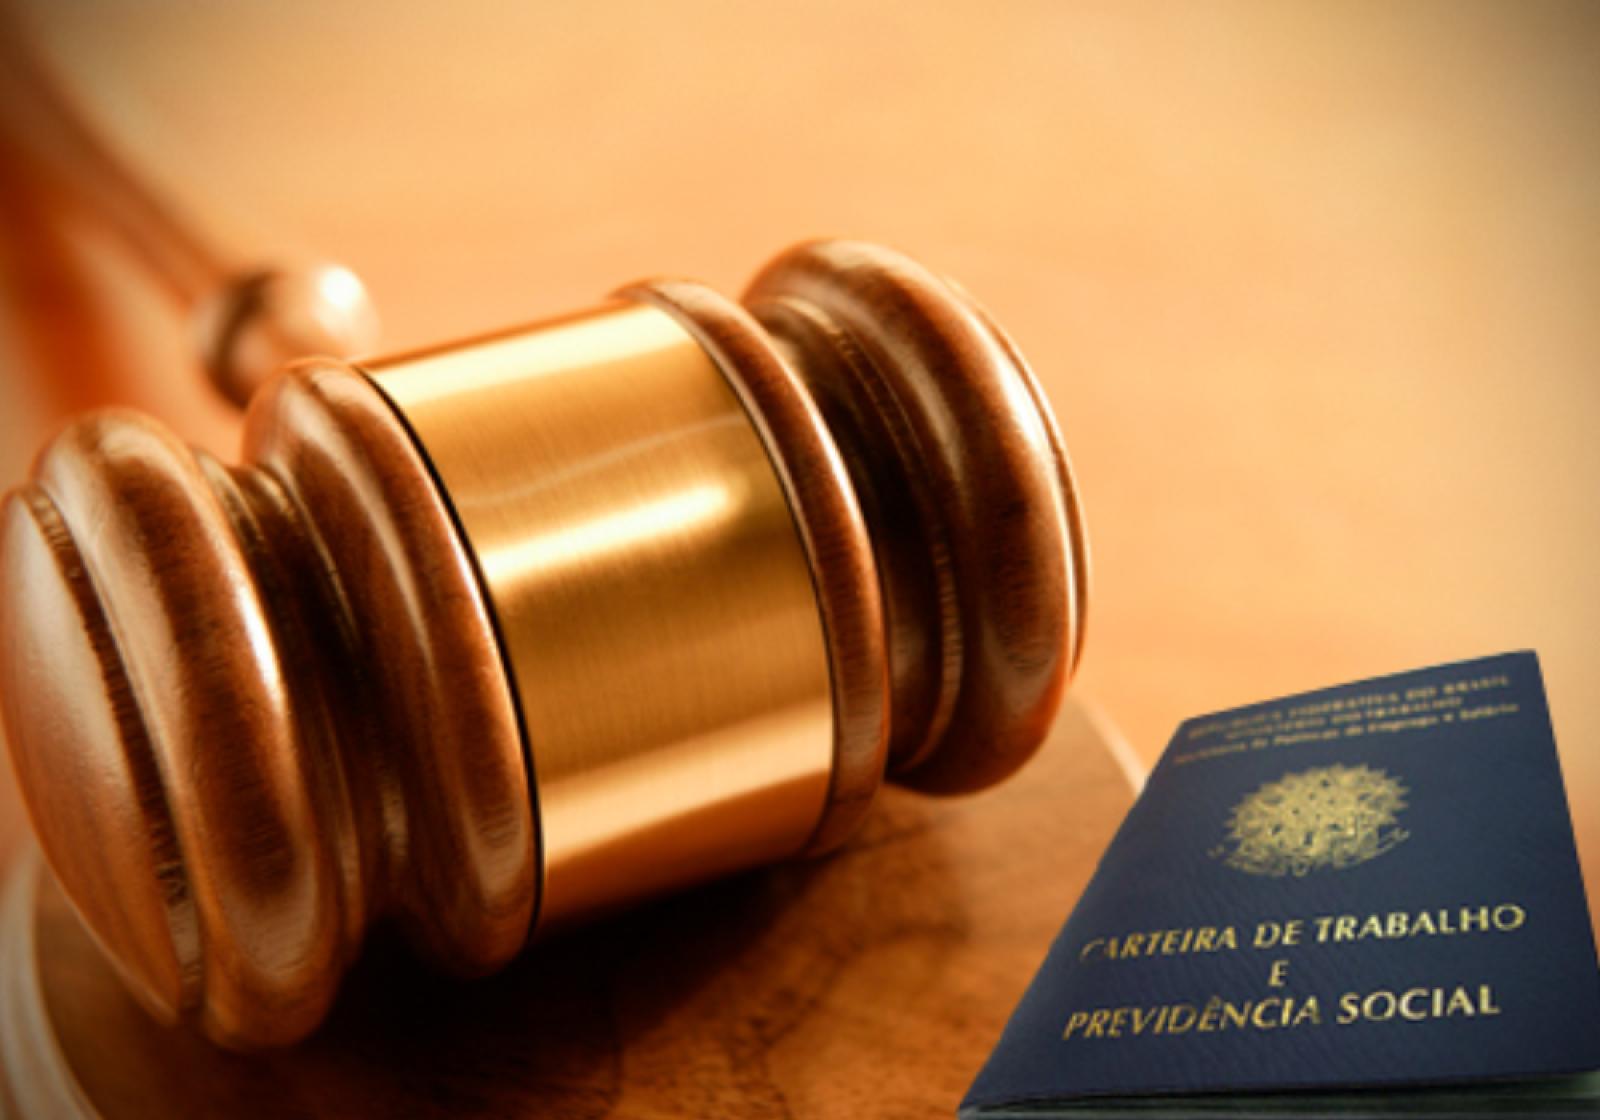 Substitutivo dificulta e encarece acesso ao Judiciário